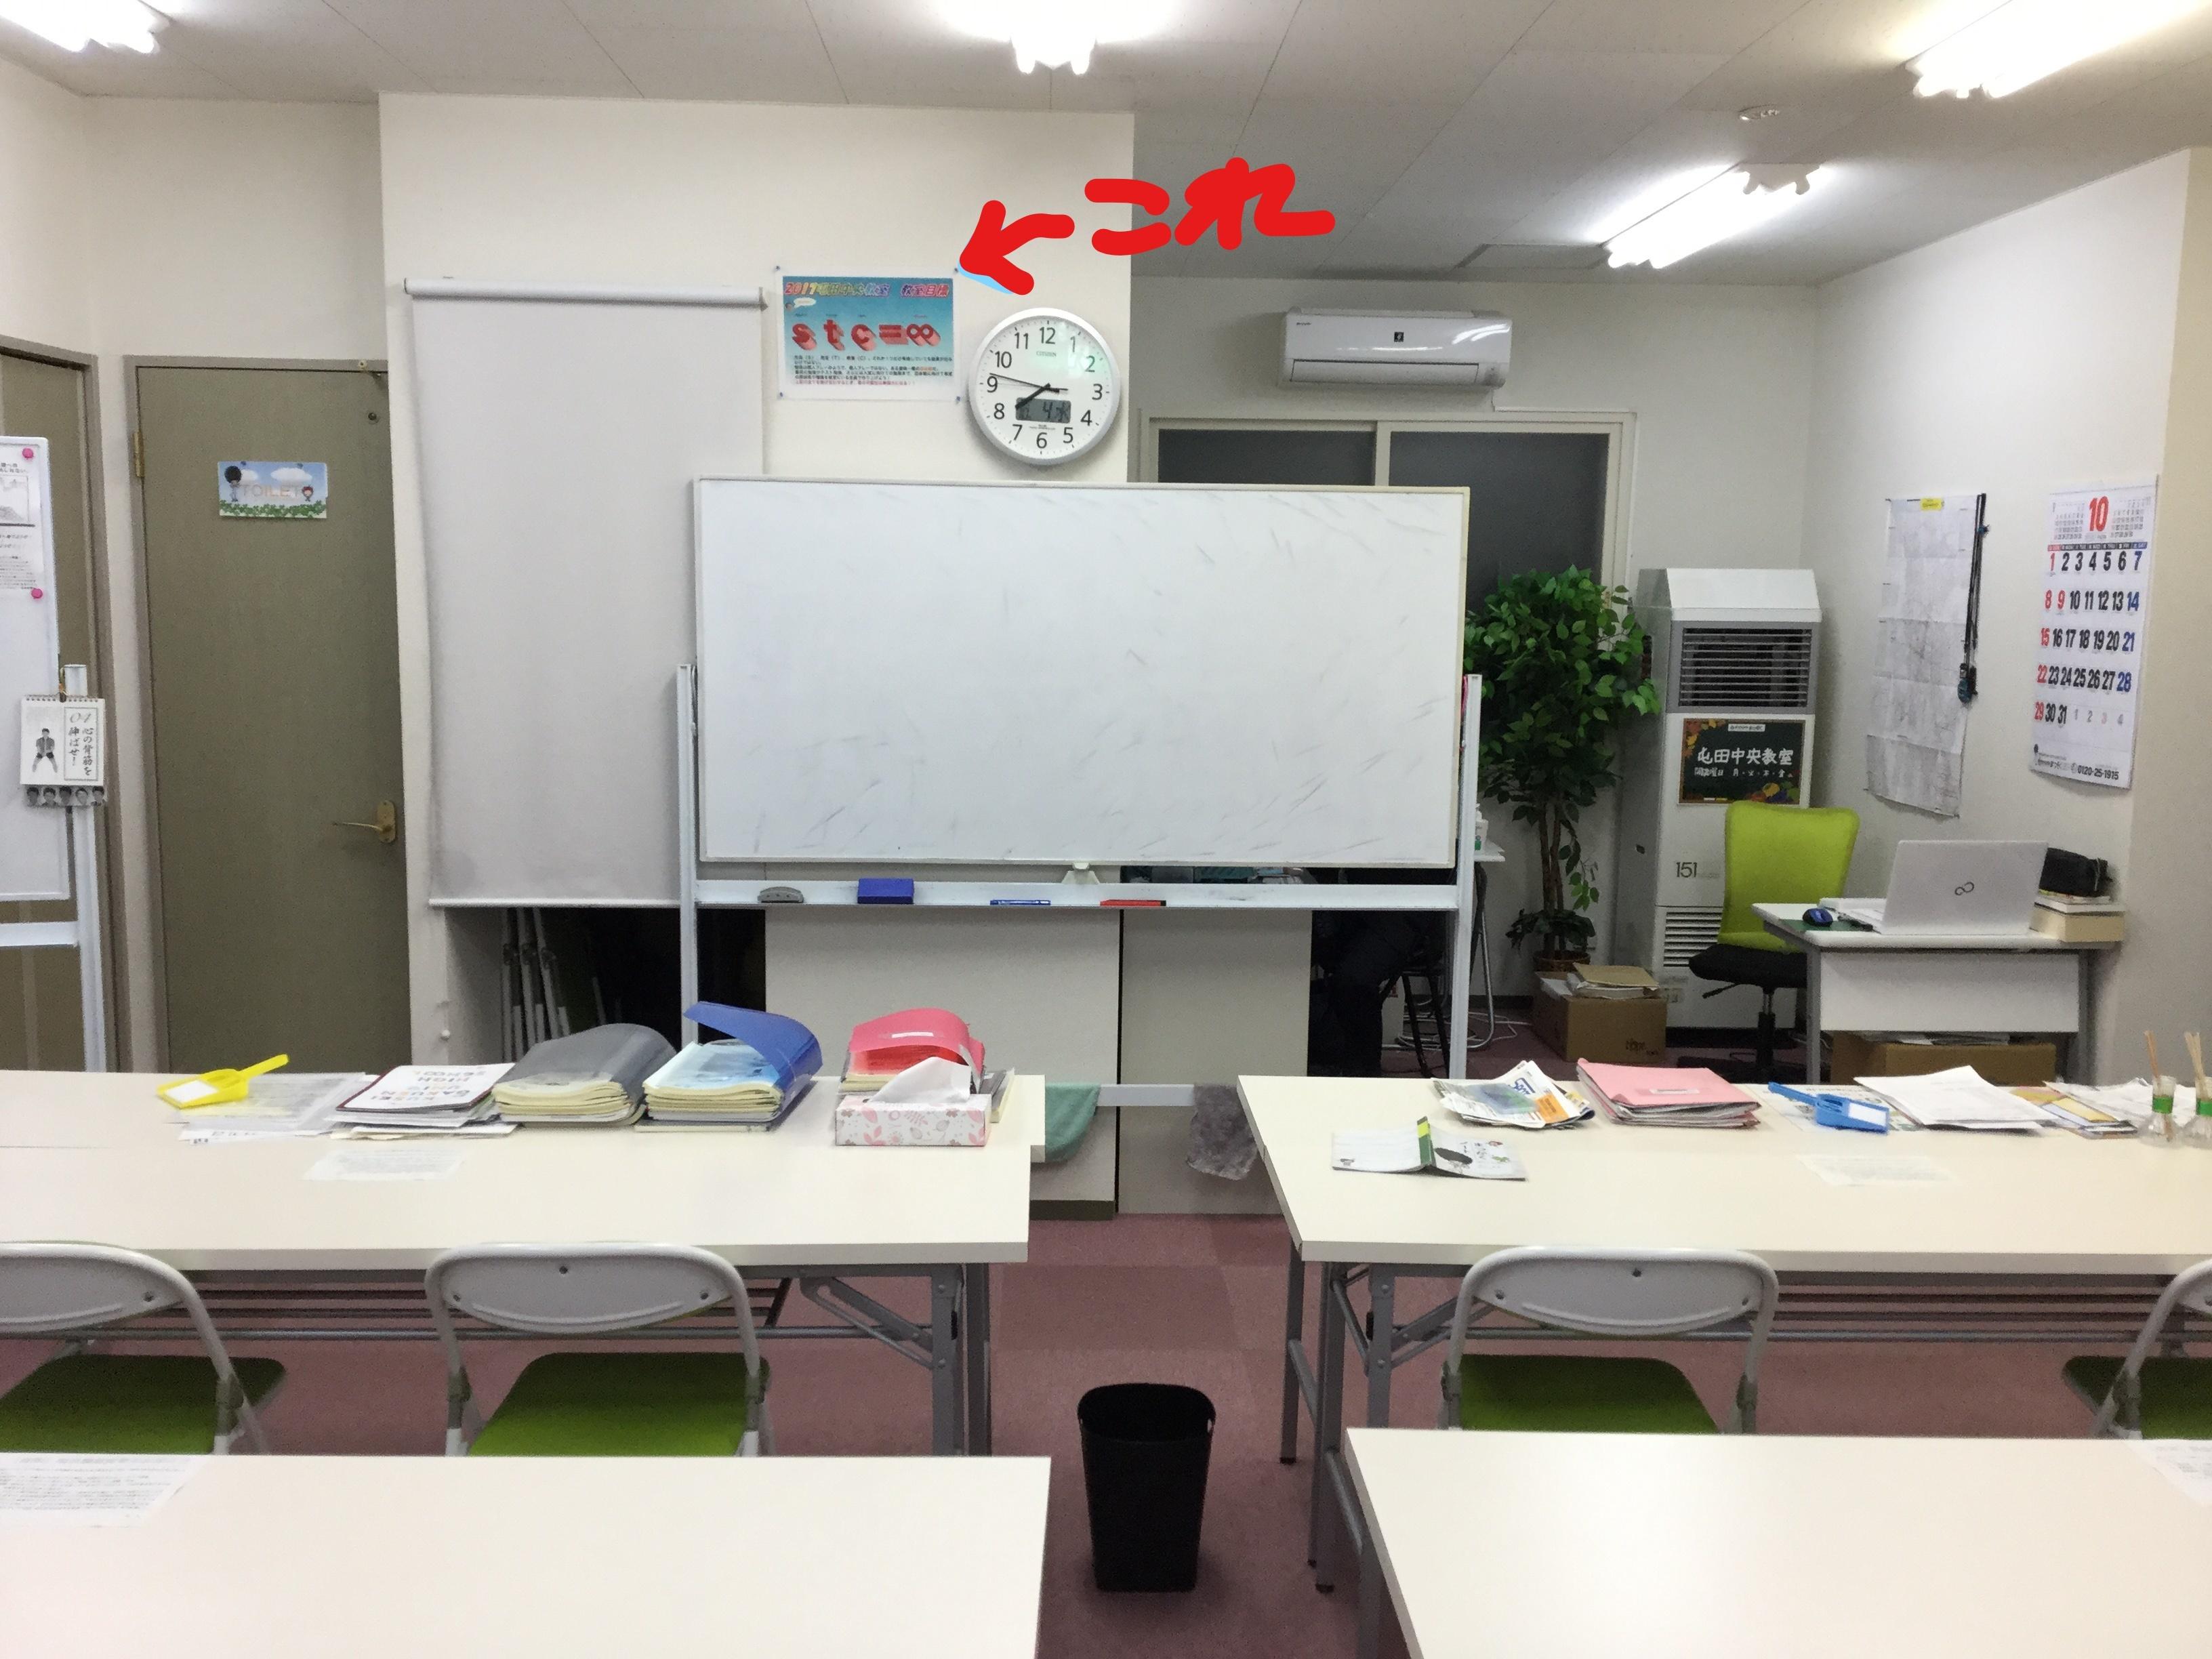 Inked教室前景_LI